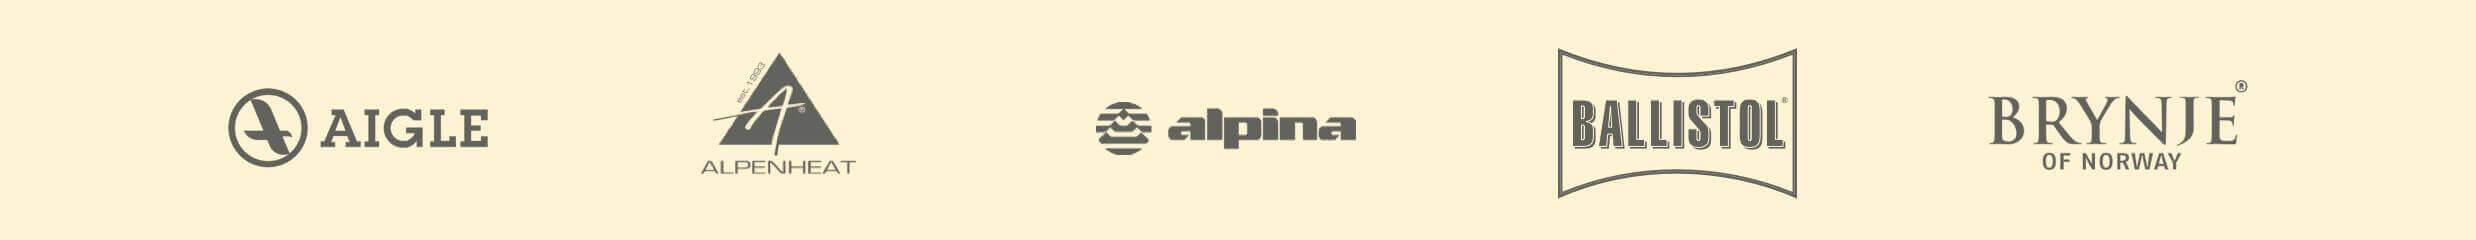 Markenslider mit Aigle,Alpenheat,Alpina, Ballistol und Brynje